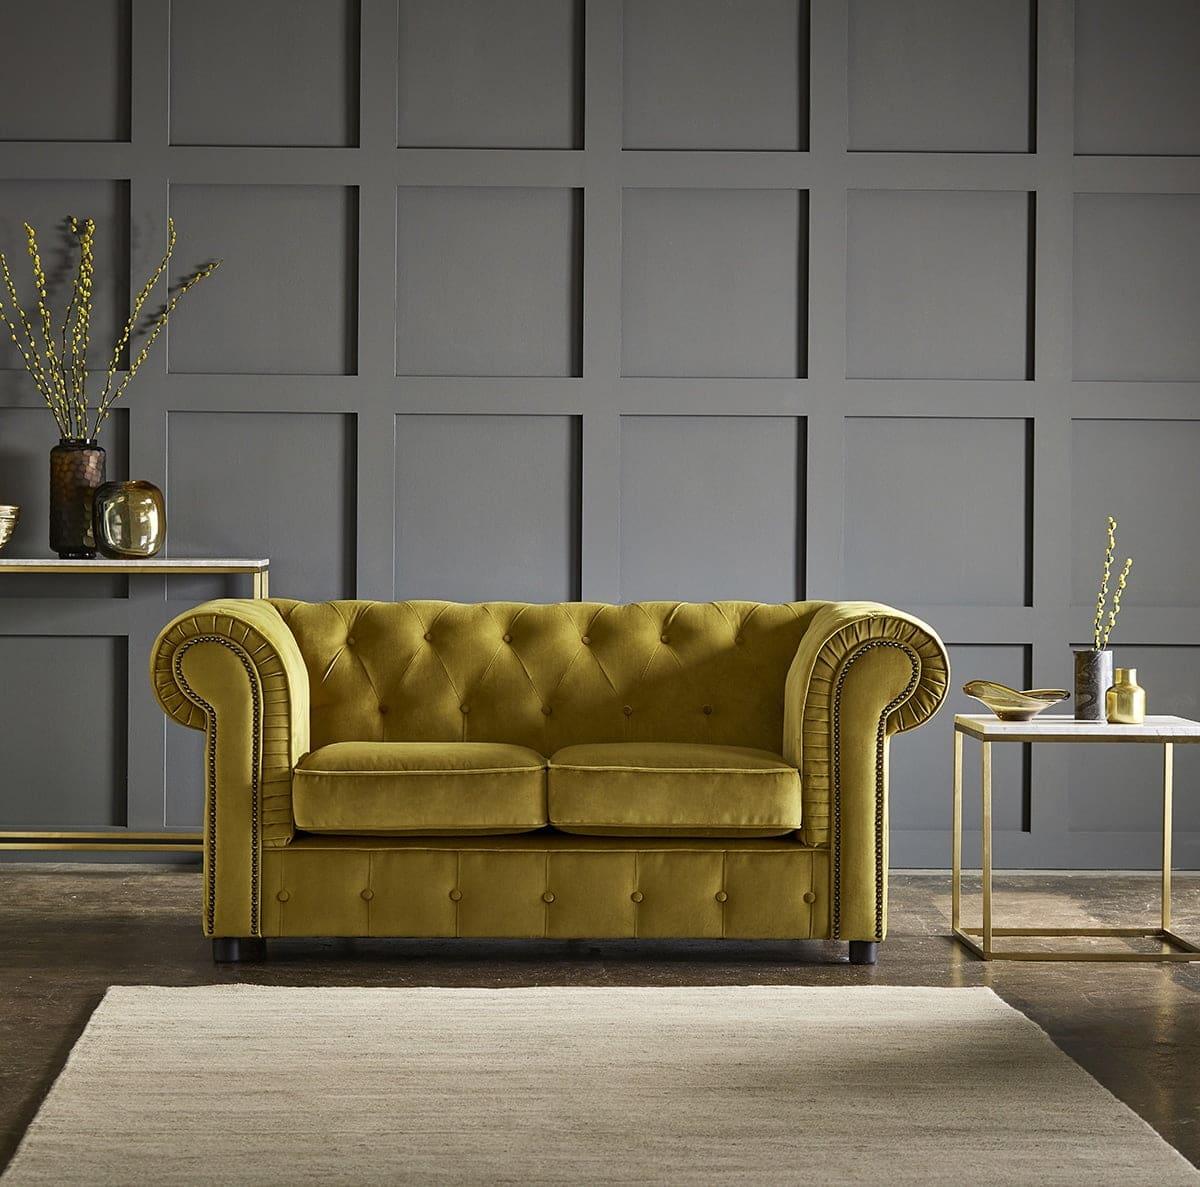 chelmsford yellow 2 seater plush velvet chesterfield sofa